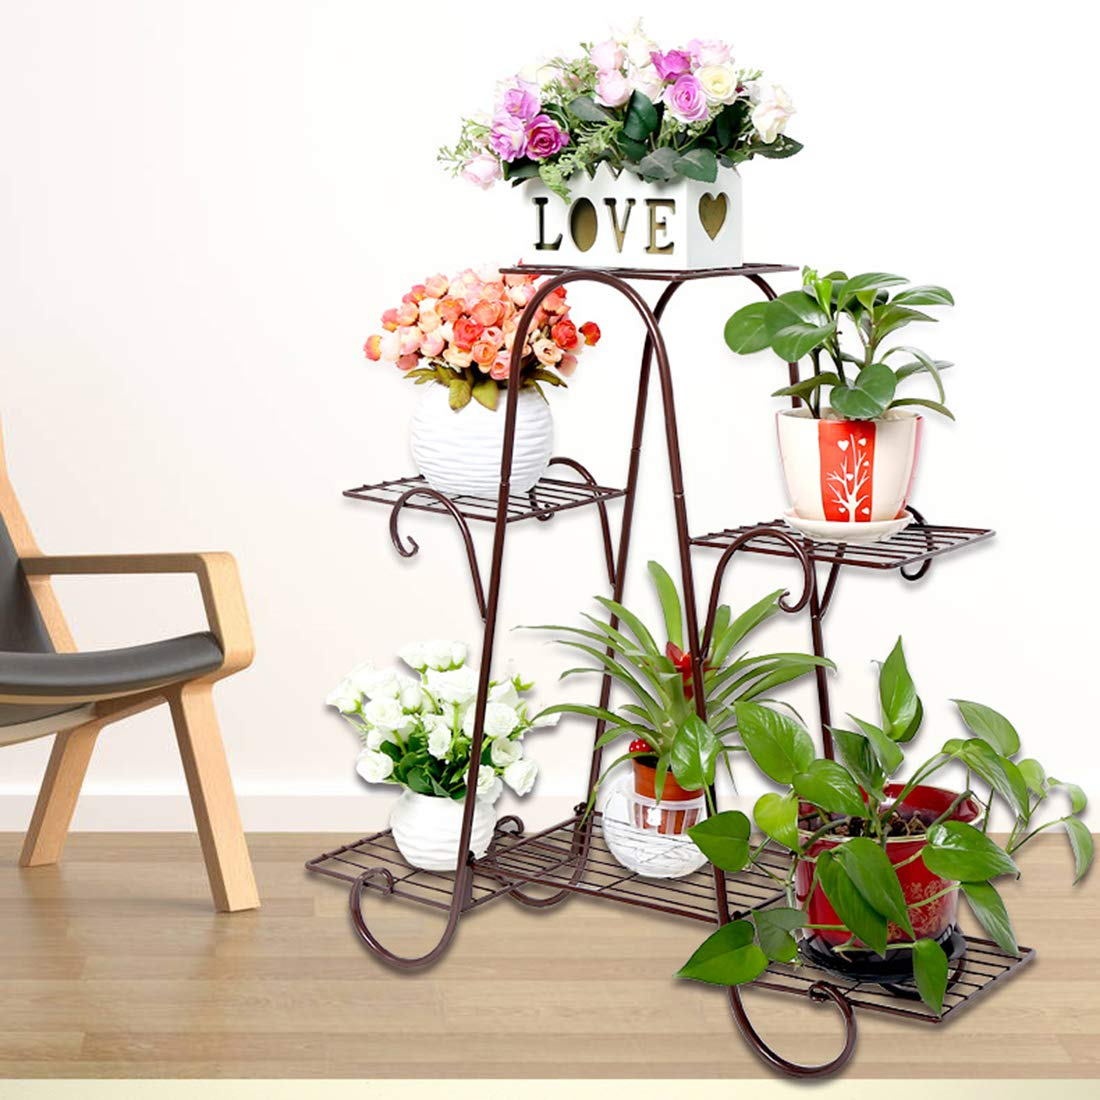 Tosbess Porte Pots Plante Fleurs 6 /Étag/ère Support Jardin en M/étal /Étag/ère /à Fleurs pour Int/érieur Ext/érieur Balcon Jardin,72 x 74 x 21cm Bronze